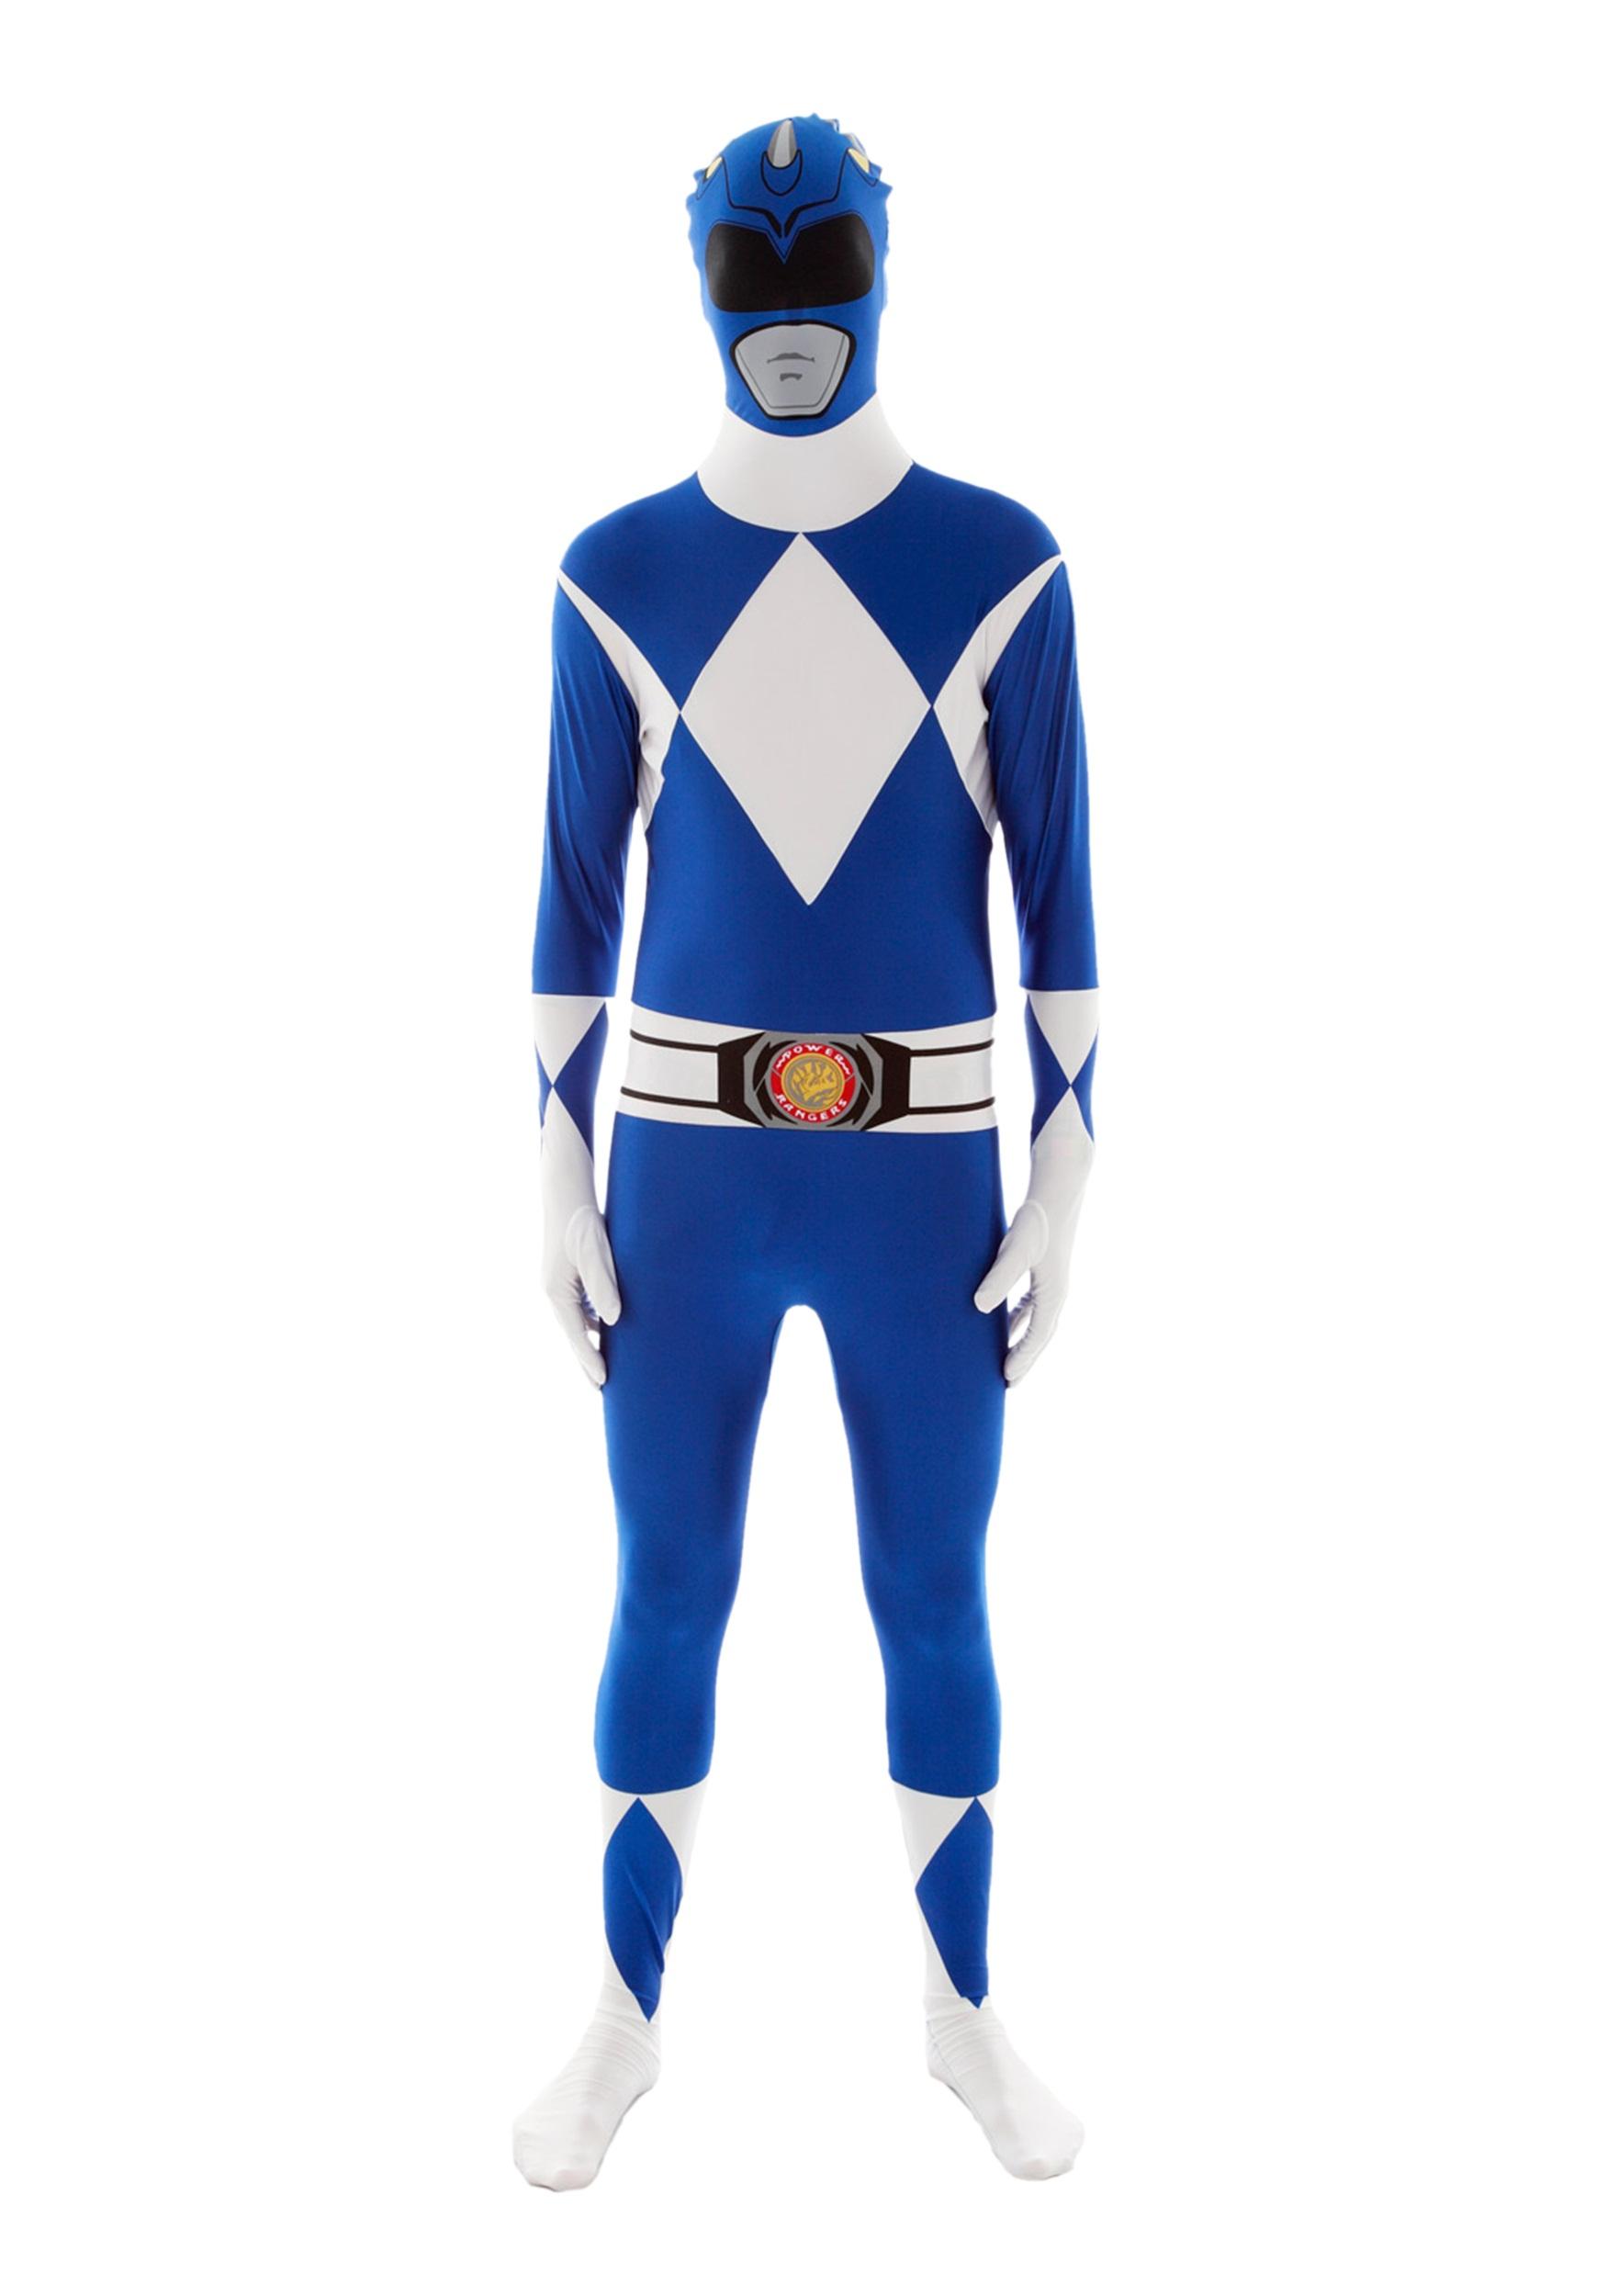 Power Rangers Blue Ranger Morphsuit  sc 1 st  Halloween Costumes UK & Adult Power Rangers Costumes - Adult Mighty Morphin Power Ranger Costume